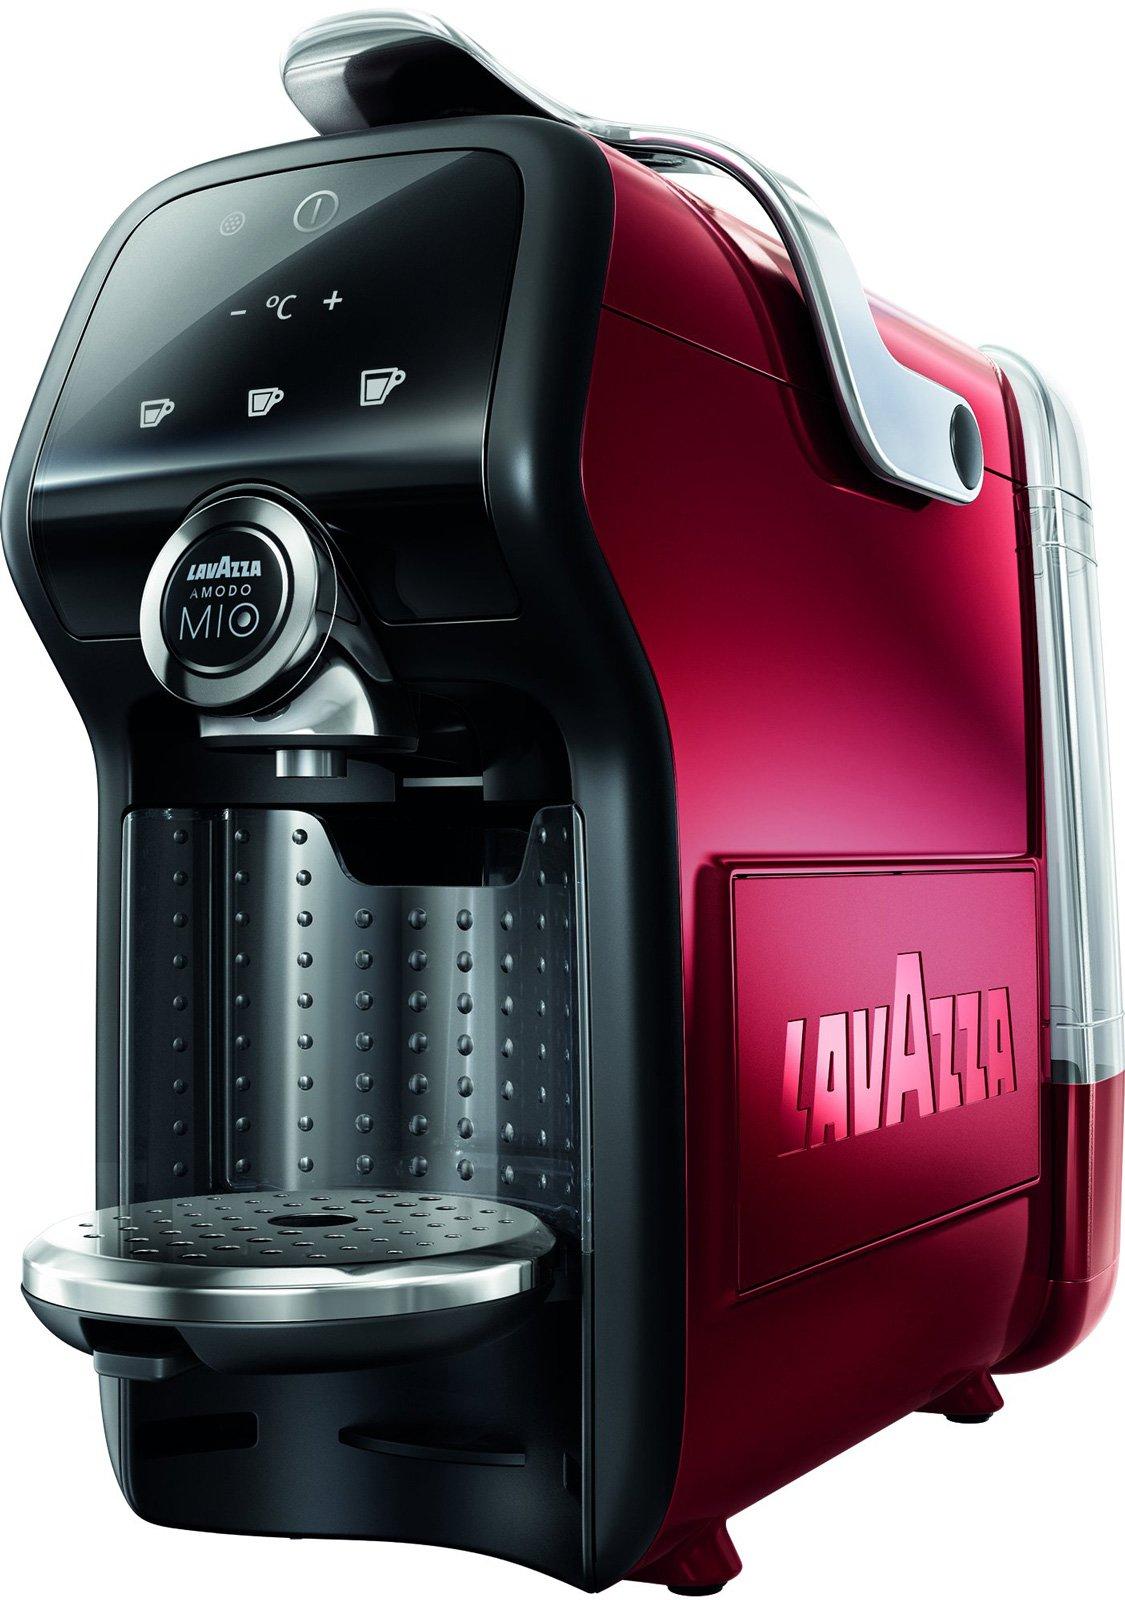 Macchine da caff per un espresso come al bar cose di casa - Macchina caffe lavazza in black ...